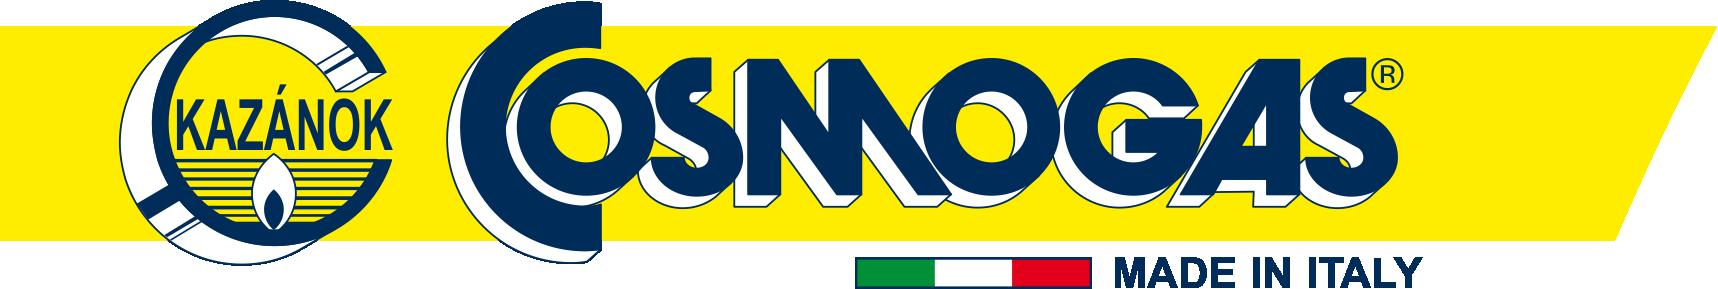 cosmo_logo_nagy